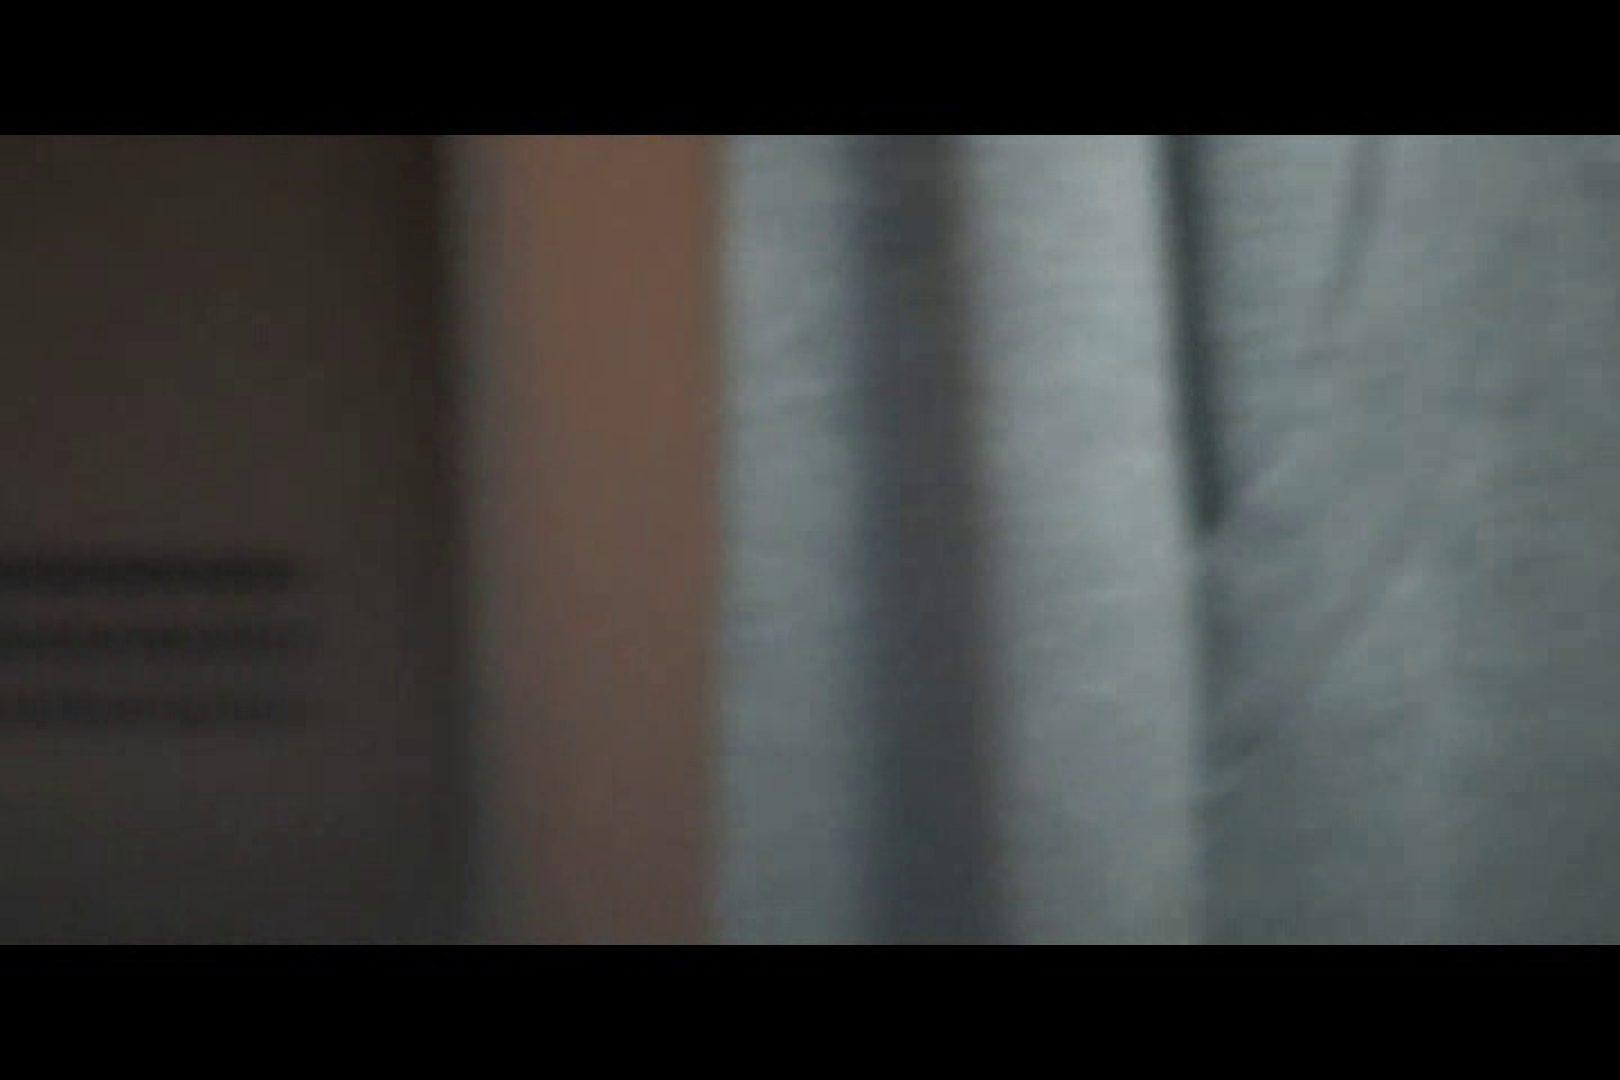 独占配信!無修正! 看護女子寮 vol.08 エッチ見放題 オメコ動画キャプチャ 113PIX 43